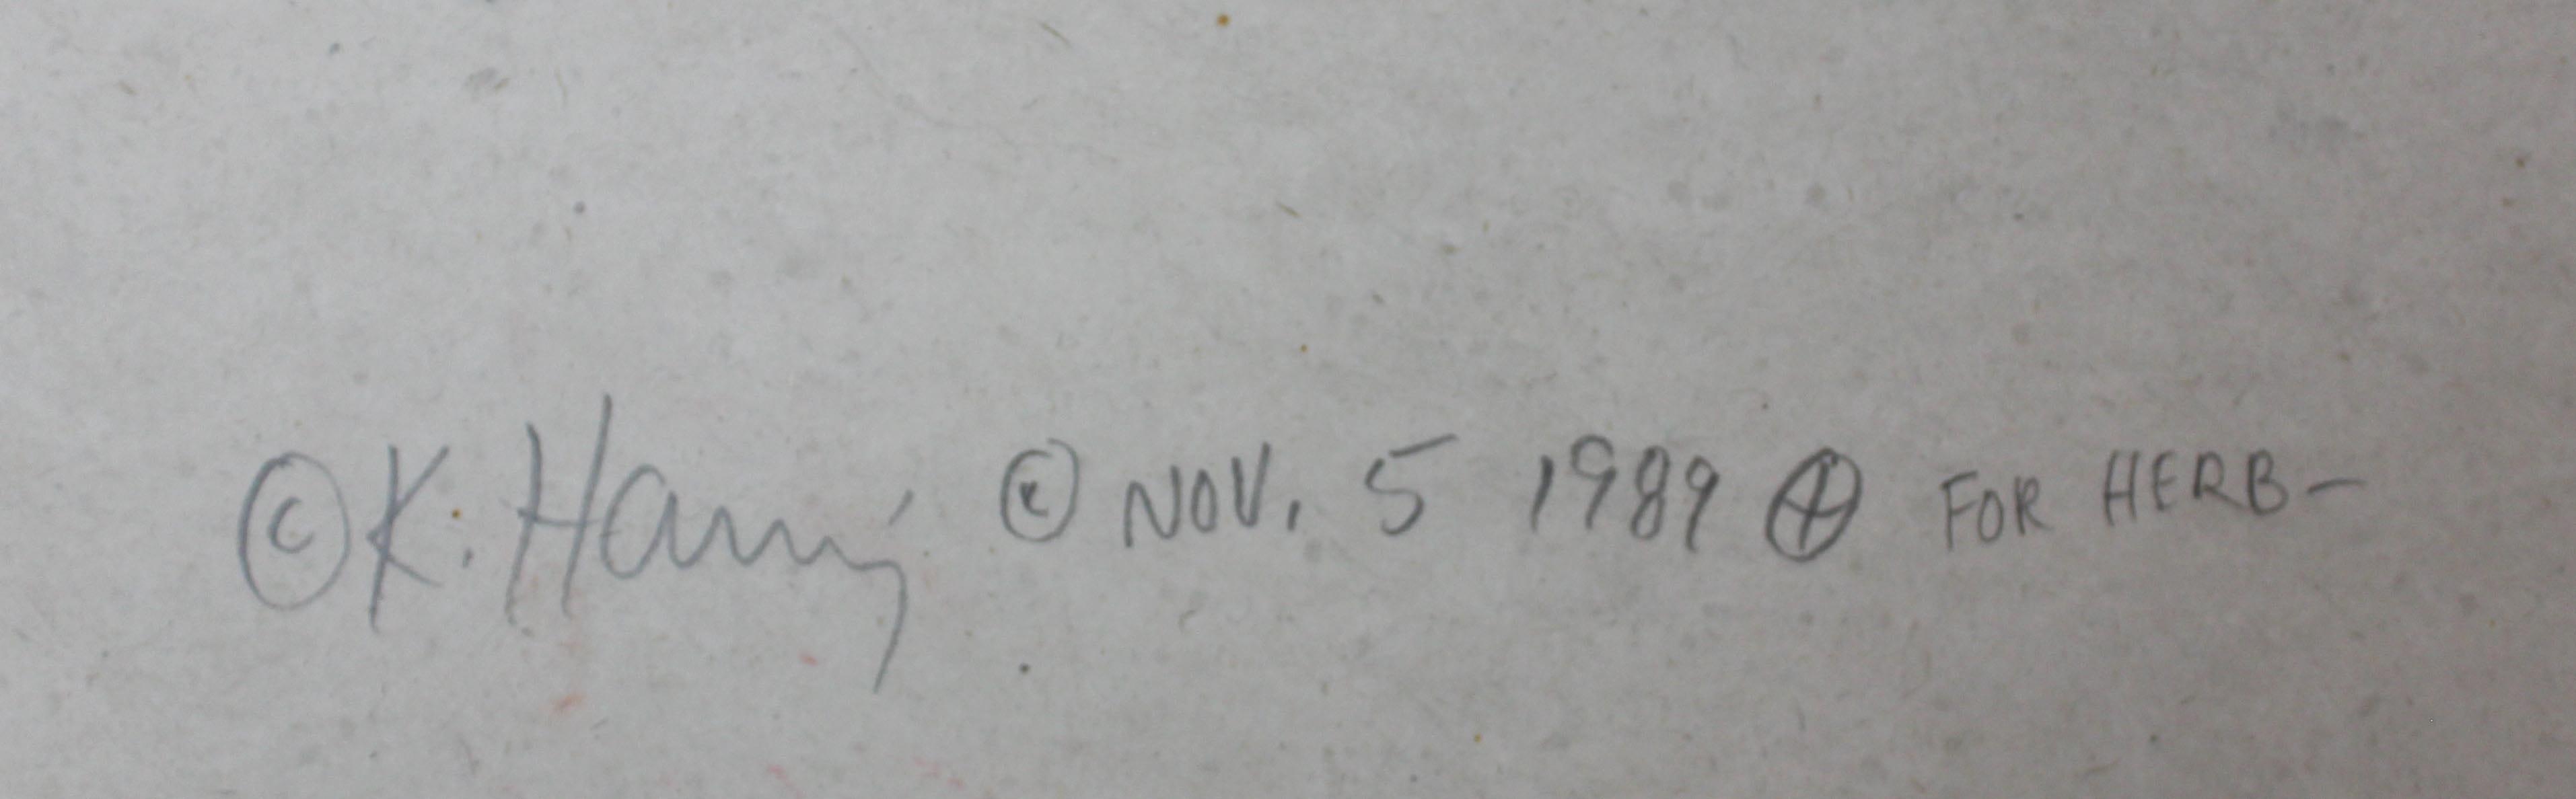 Haring Original signature